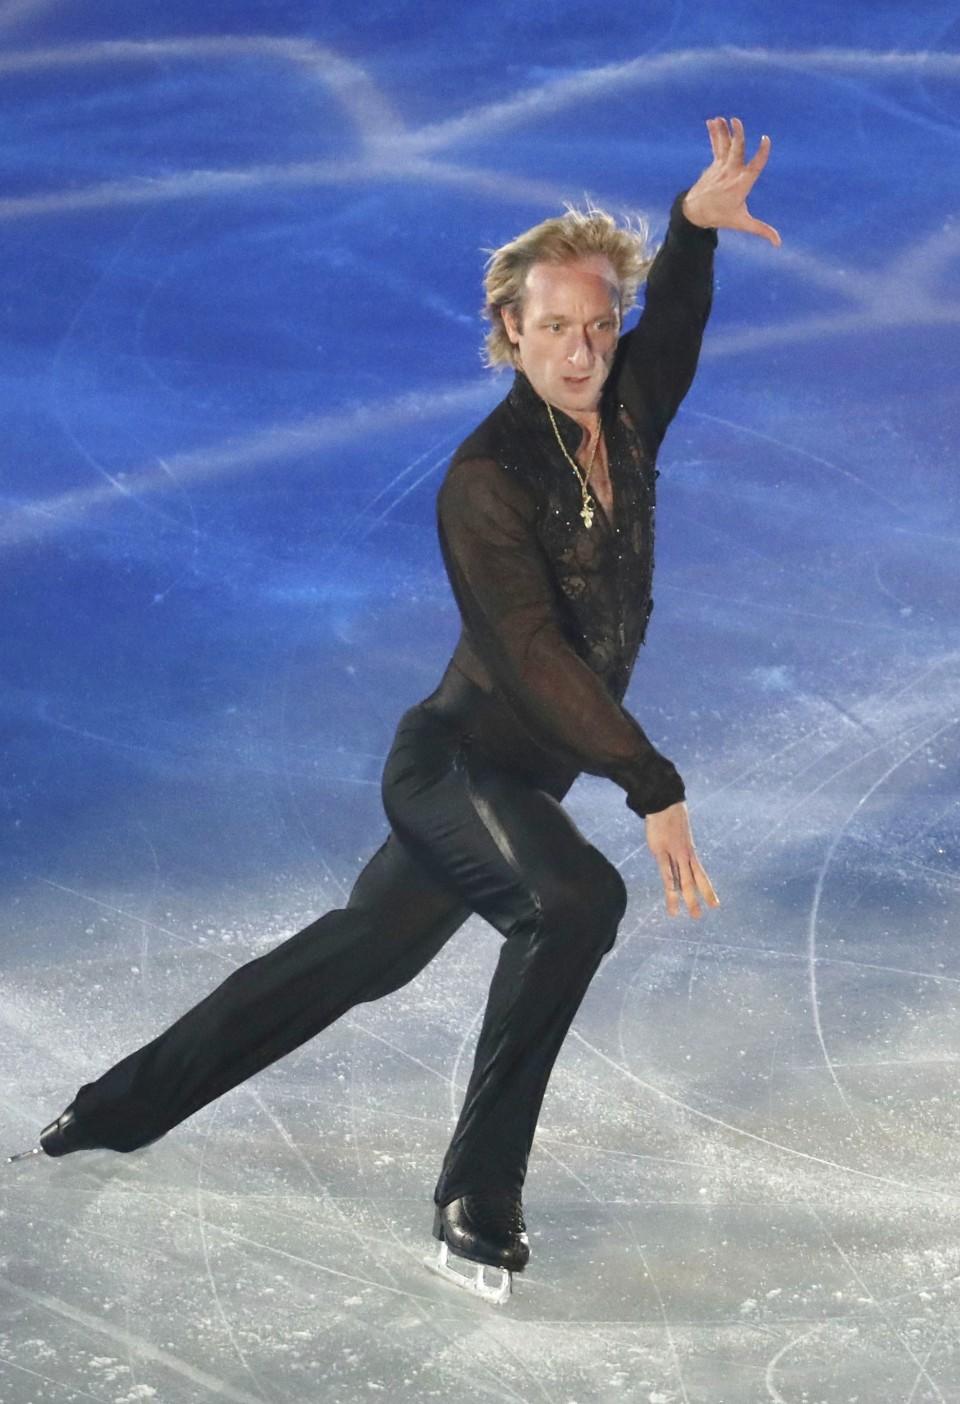 Evgeni Plushenko returned to the big sport 52